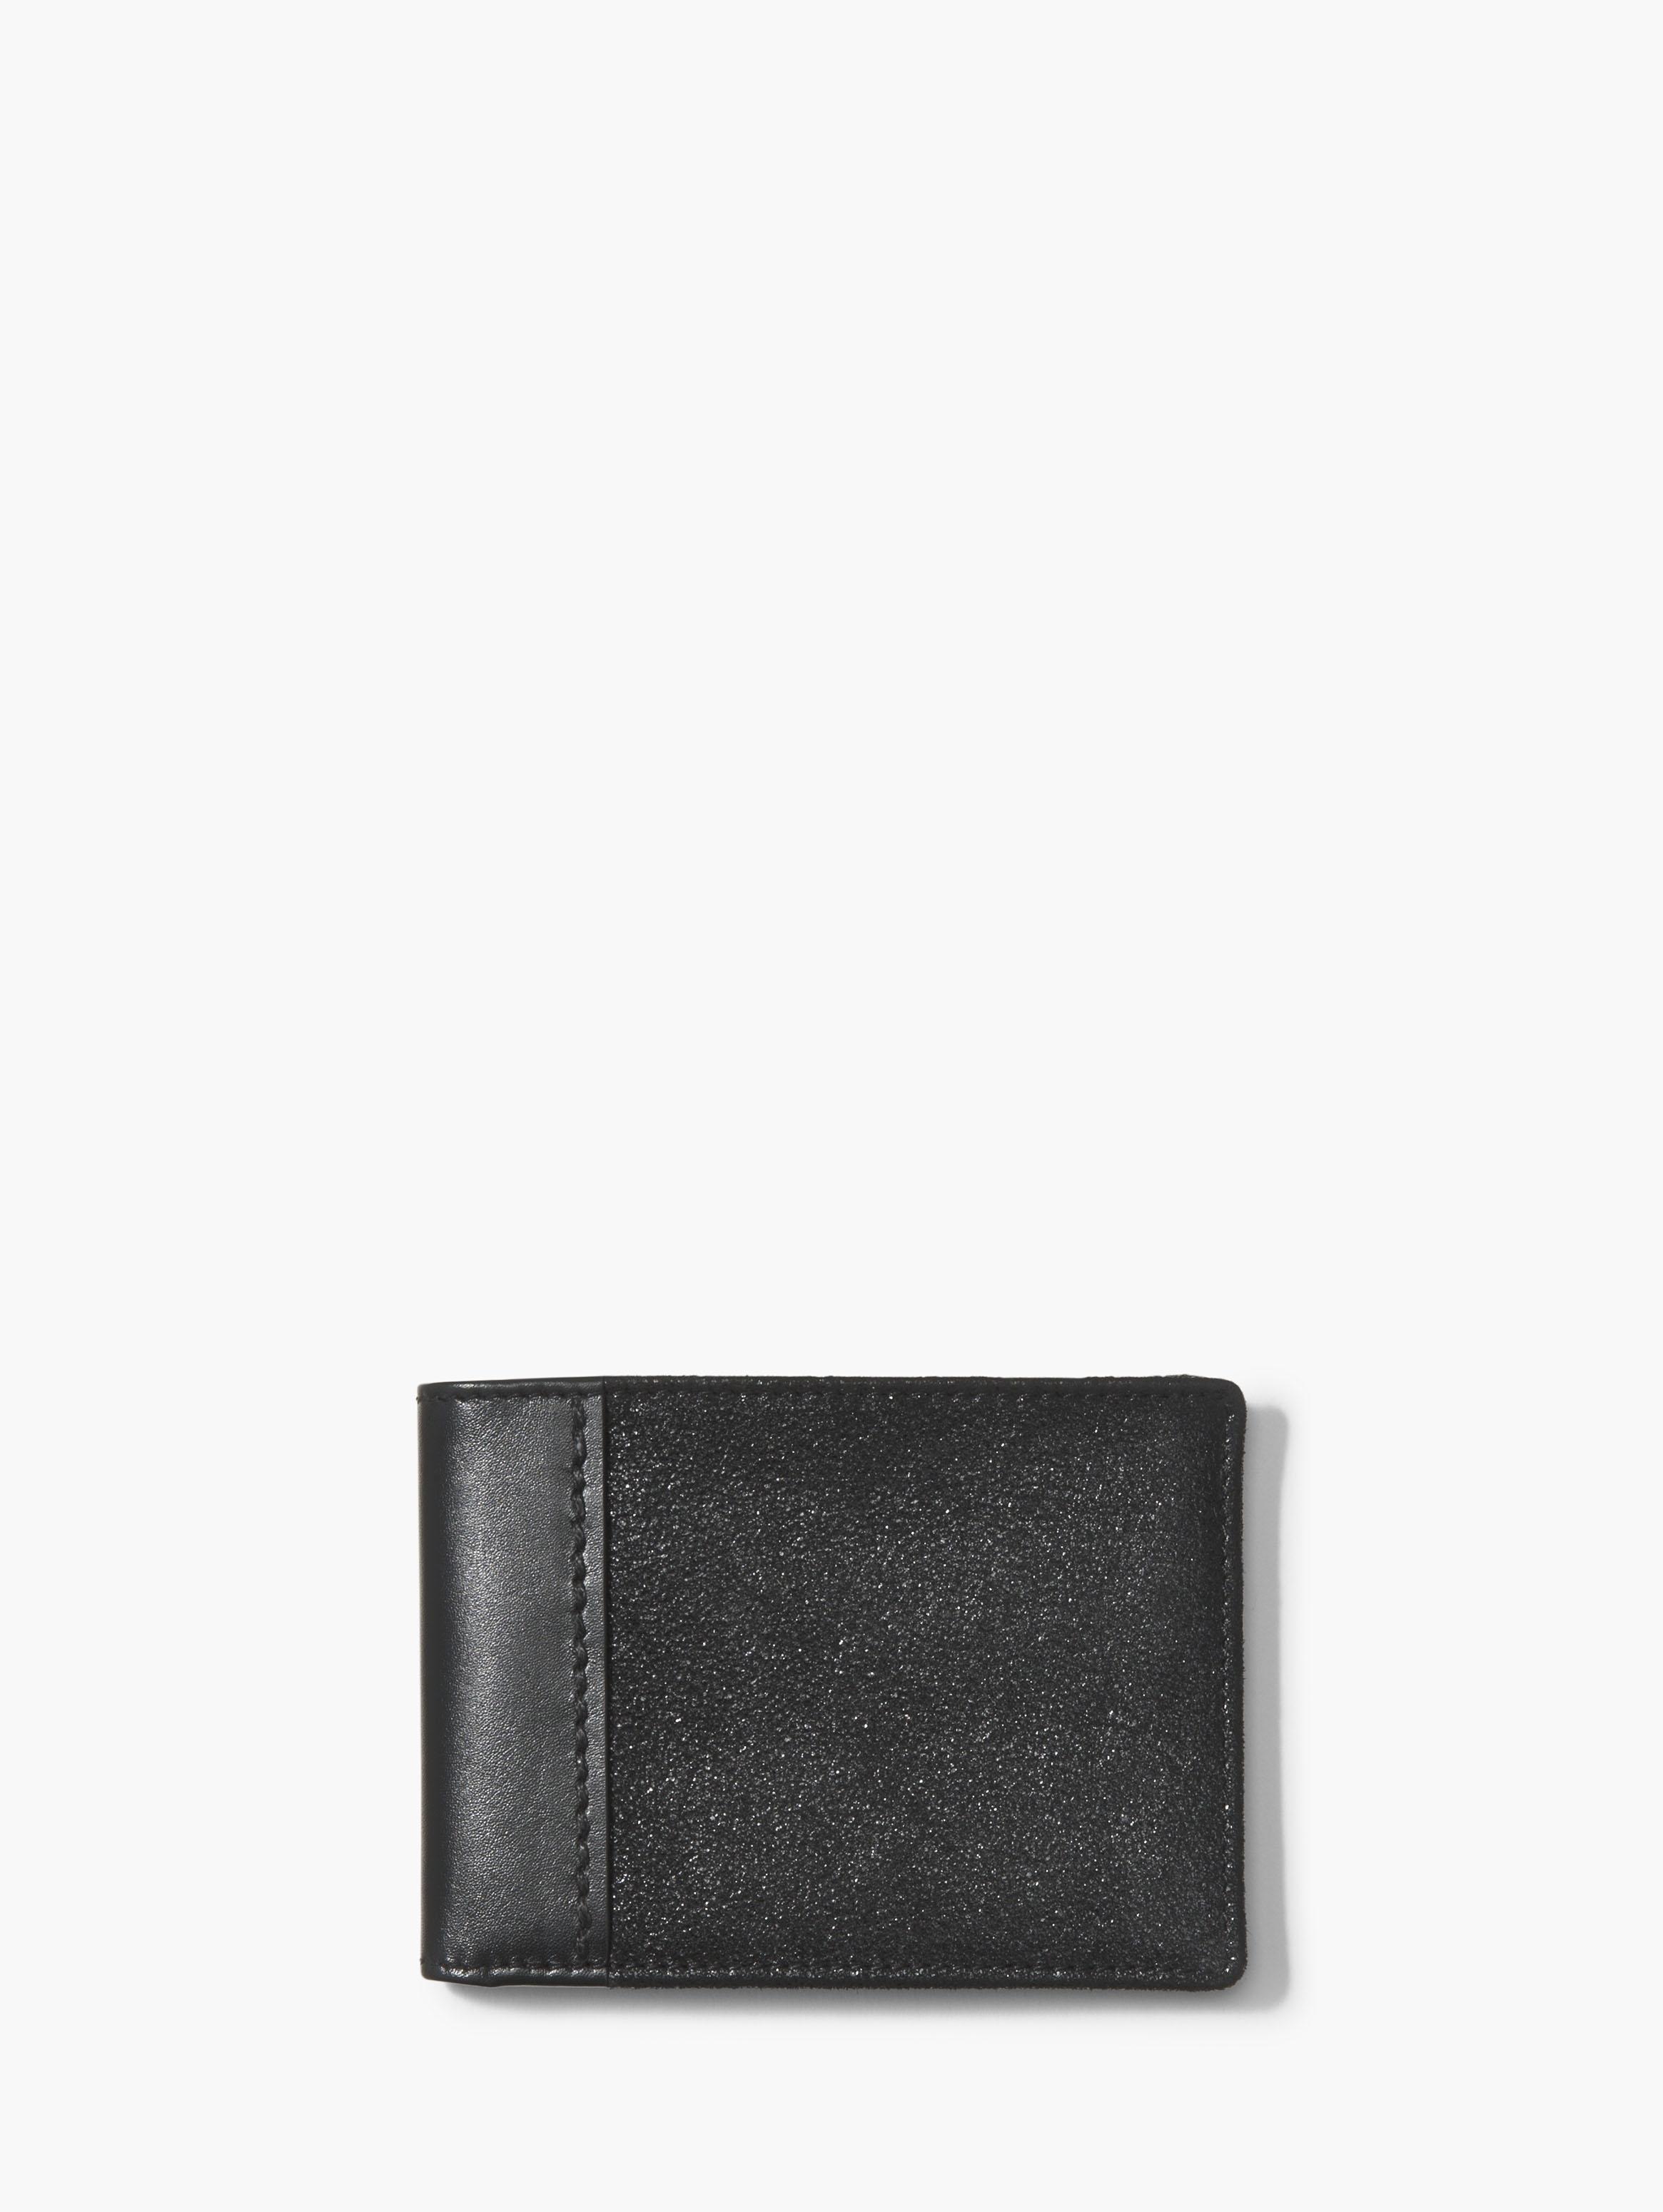 John Varvatos Metallic Leather Bifold Wallet